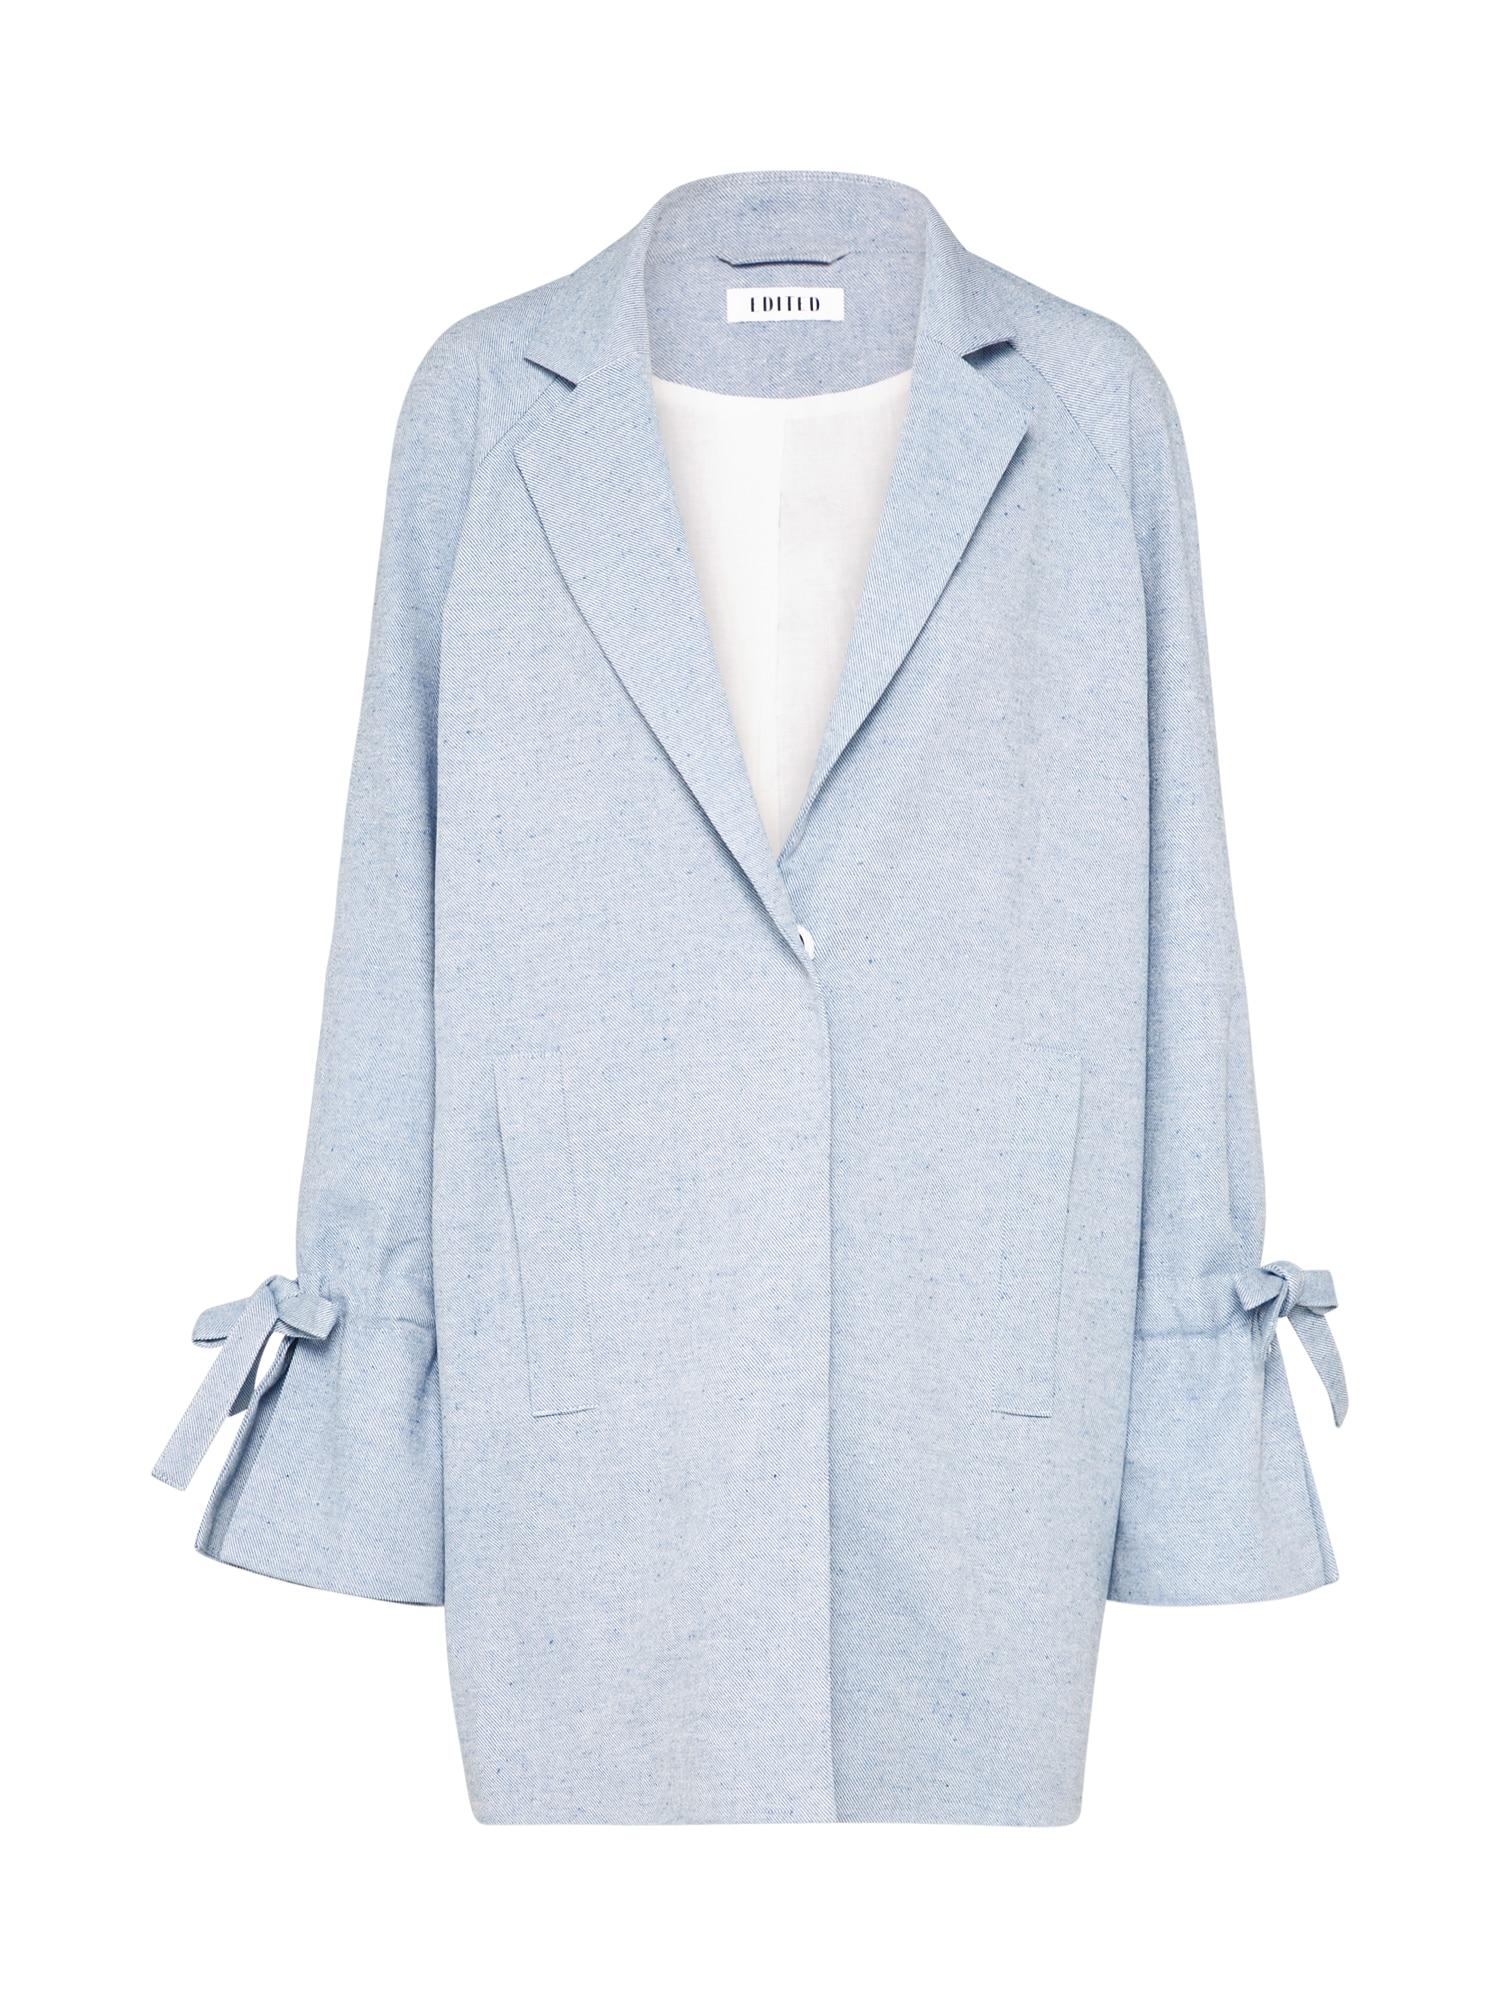 EDITED Rudeninis-žieminis paltas 'Rumer' šviesiai mėlyna